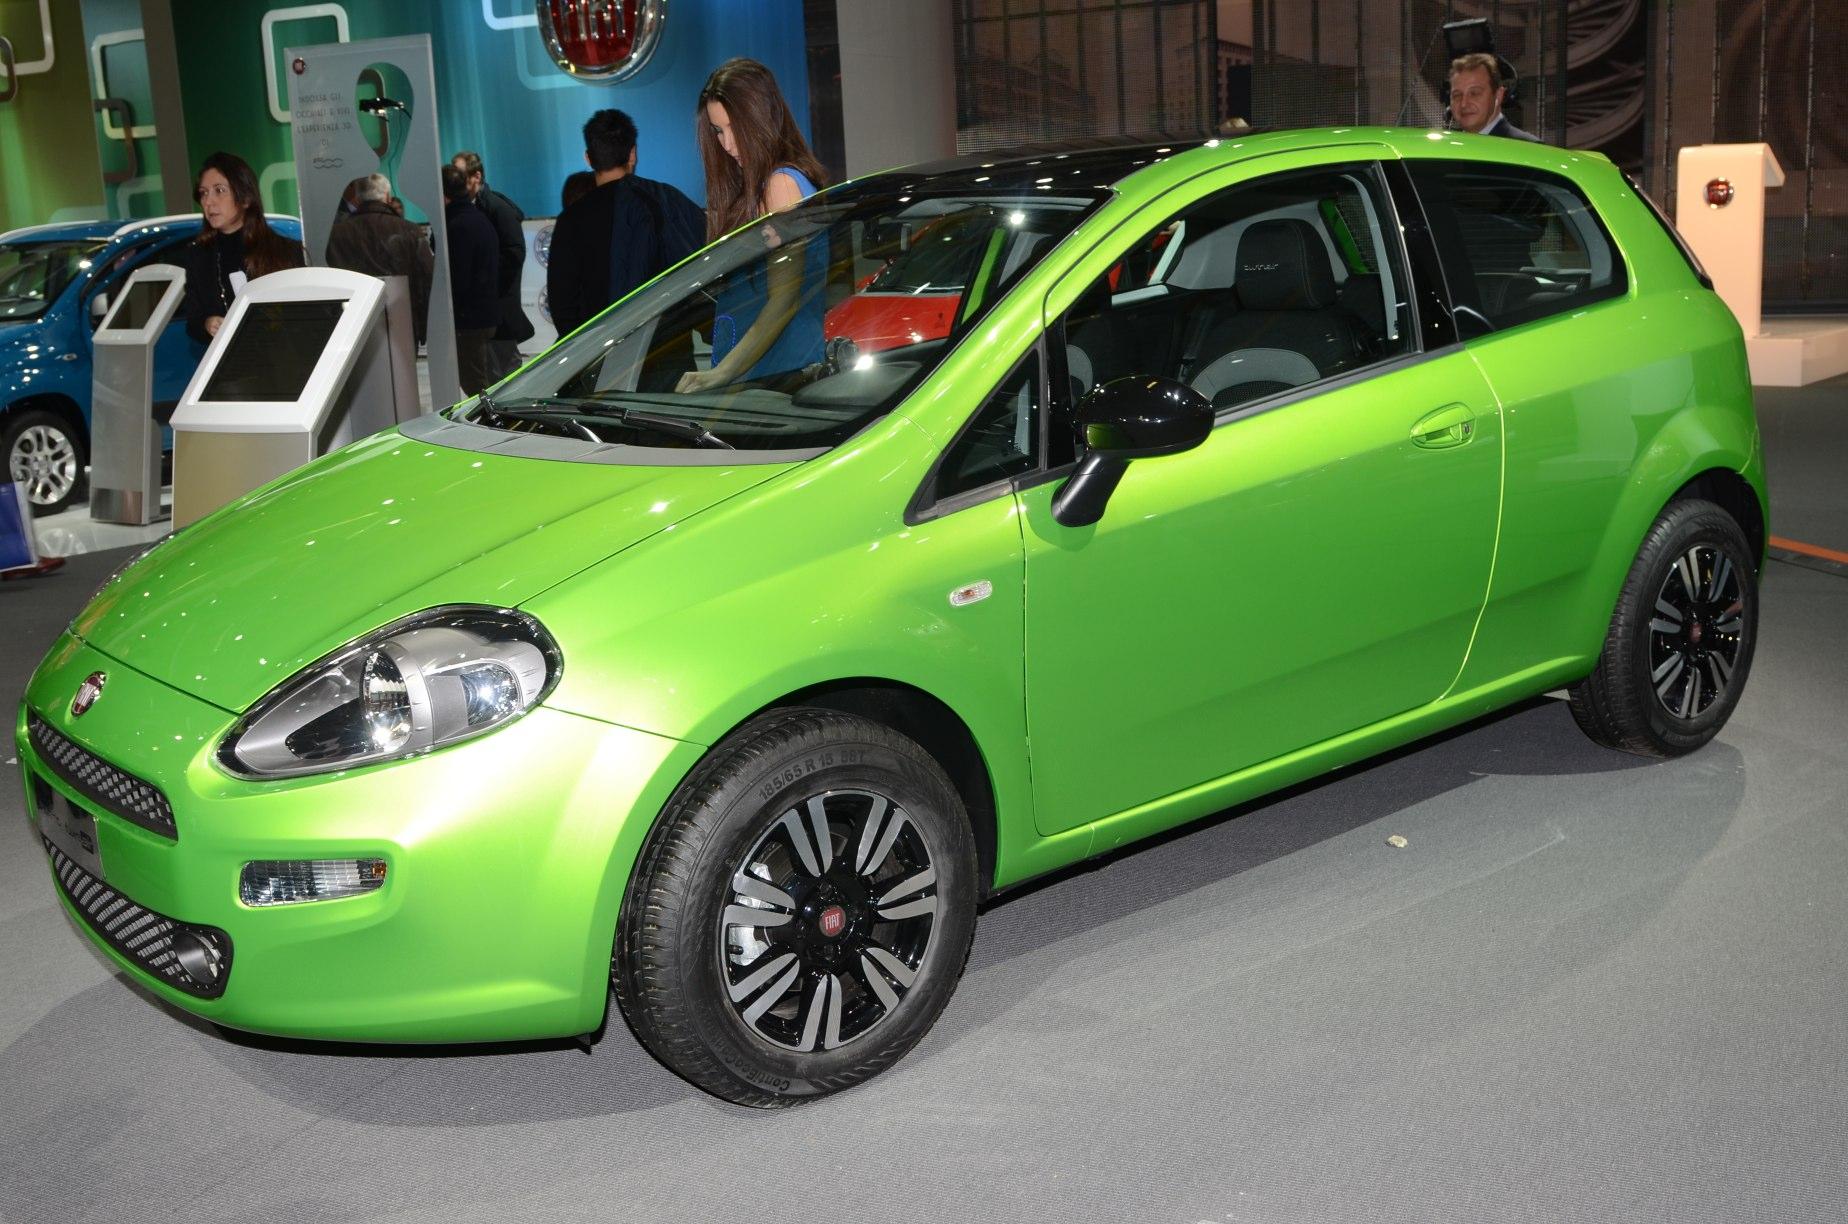 2009/12 - [Fiat] Punto Evo - Page 12 6441183065_384ca4691e_o